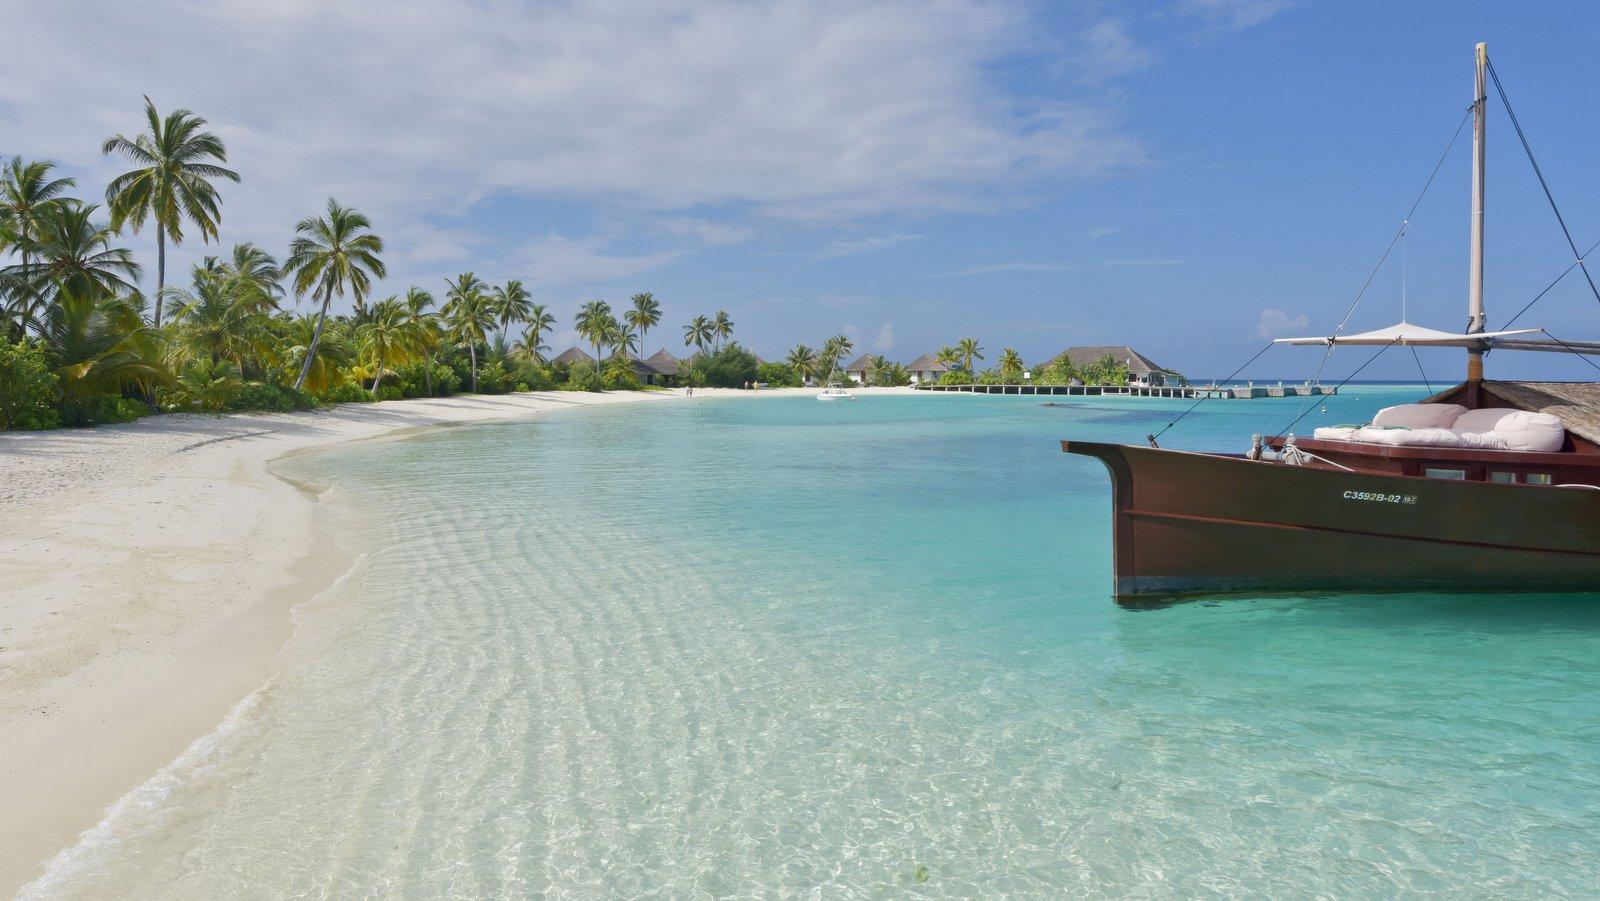 Мальдивы, отель Safari Island Resort & Spa, лодка